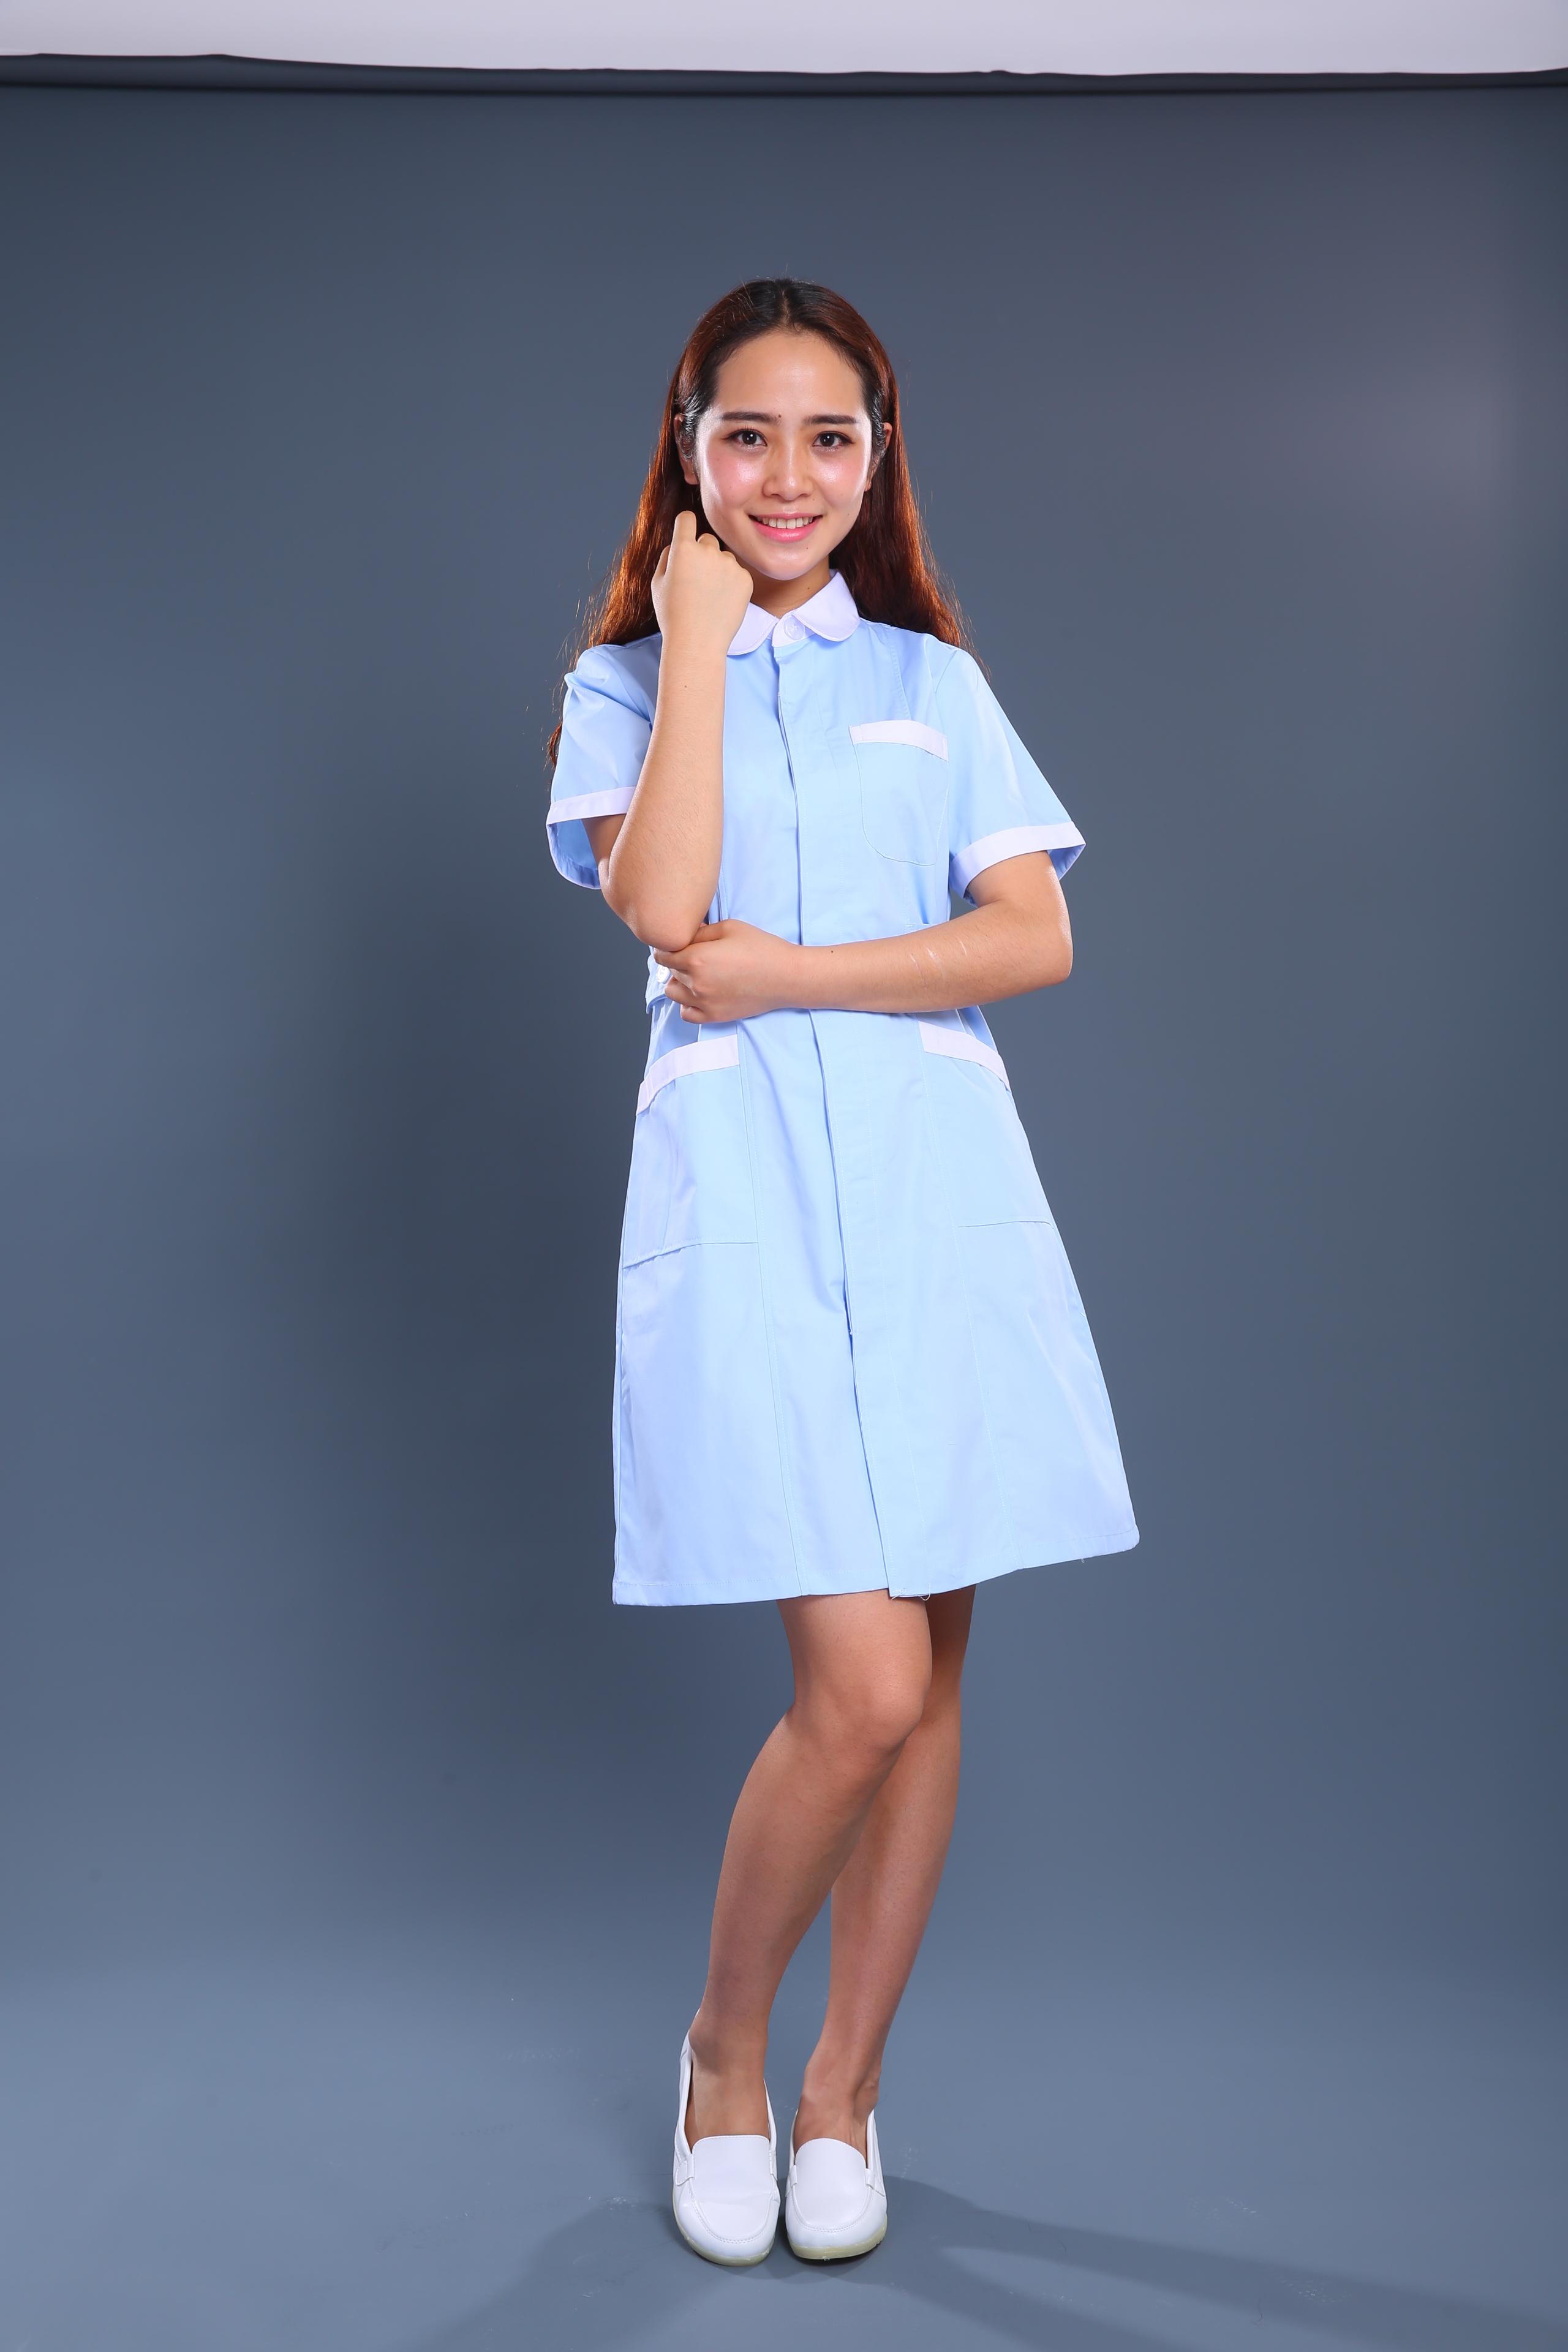 浅蓝色护士制服